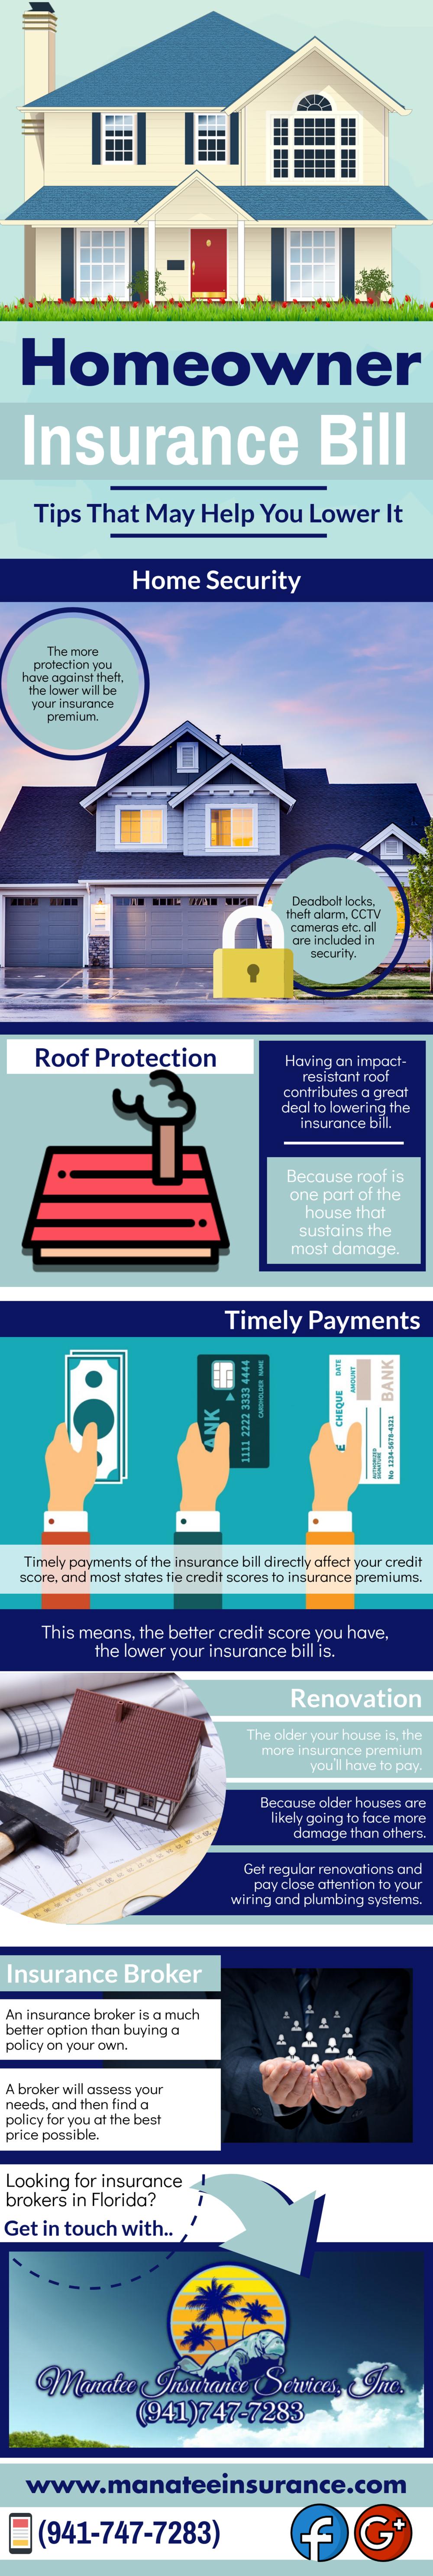 Insurance bill tips